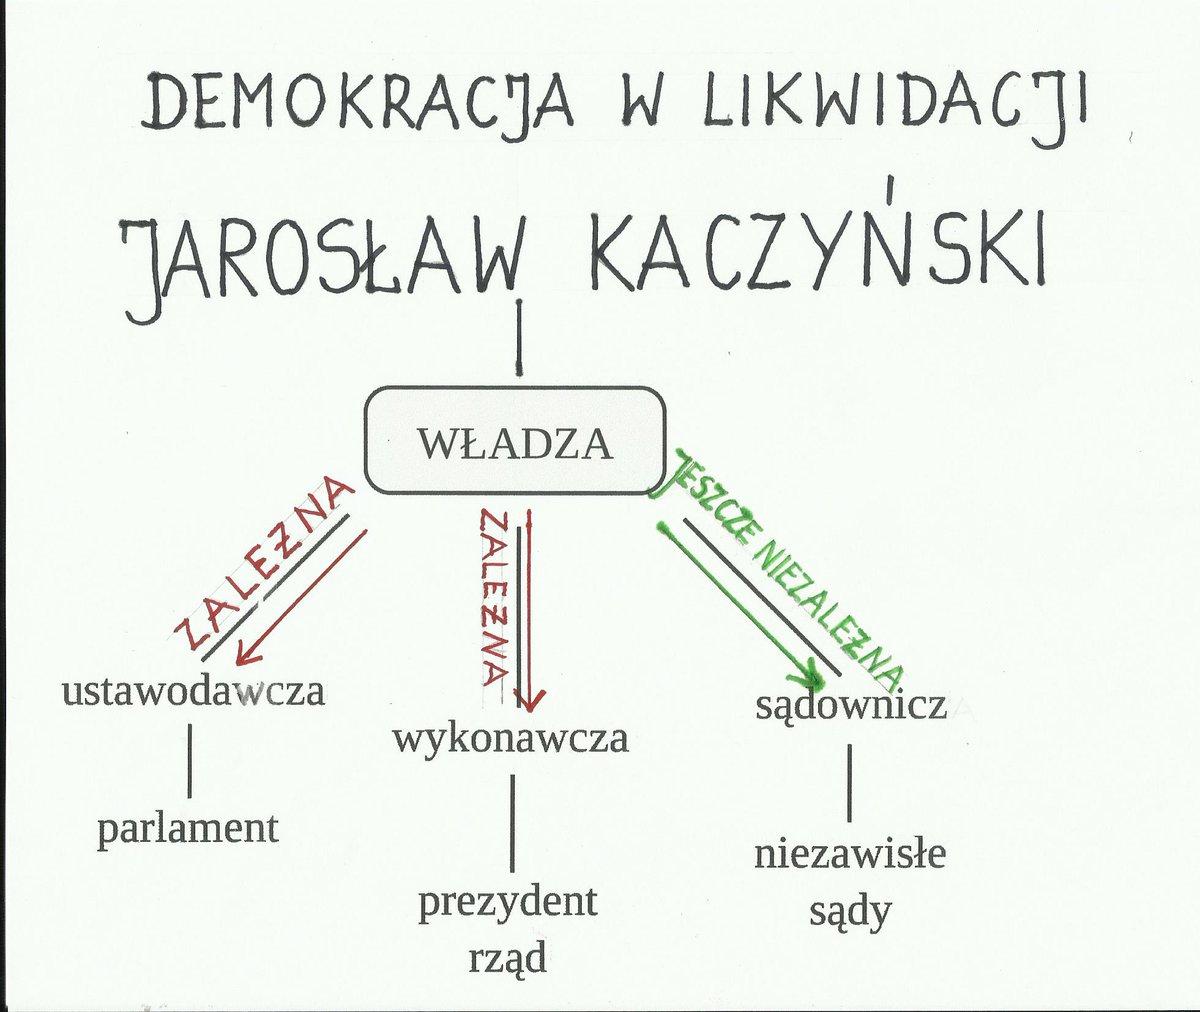 cu_wtzpwyaul0h6